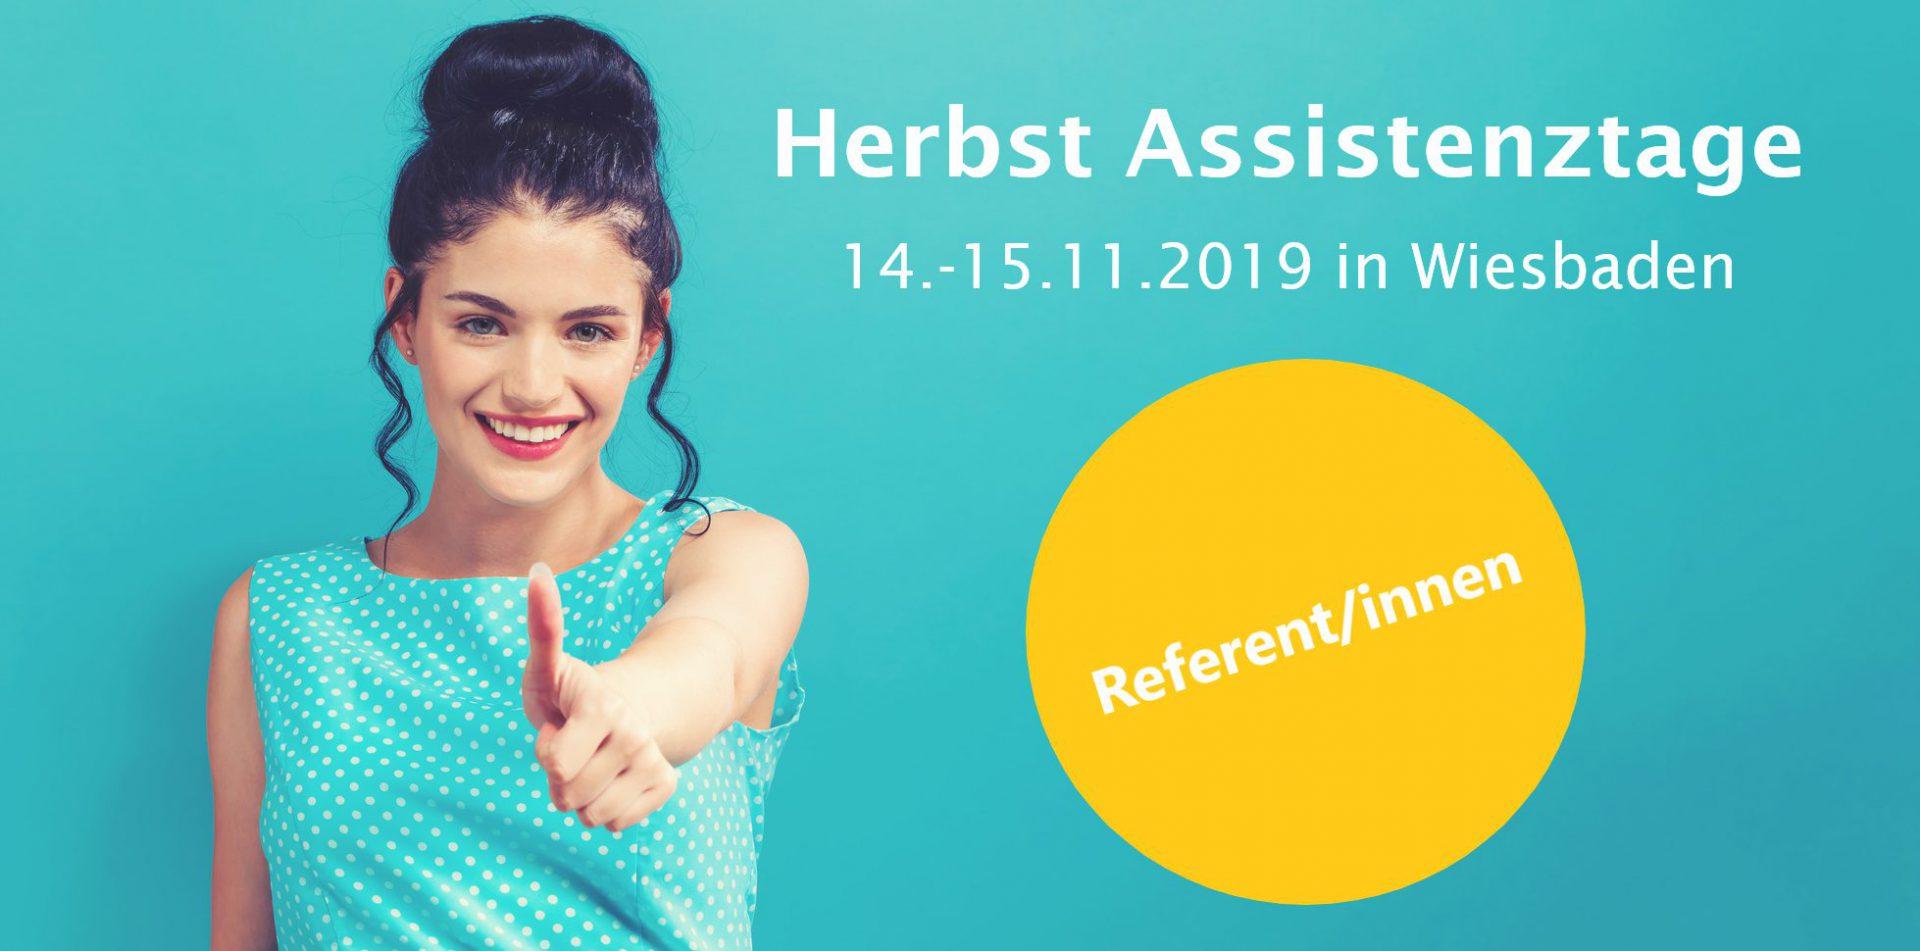 Herbst Assistenztage 2019 - ReferentInnen